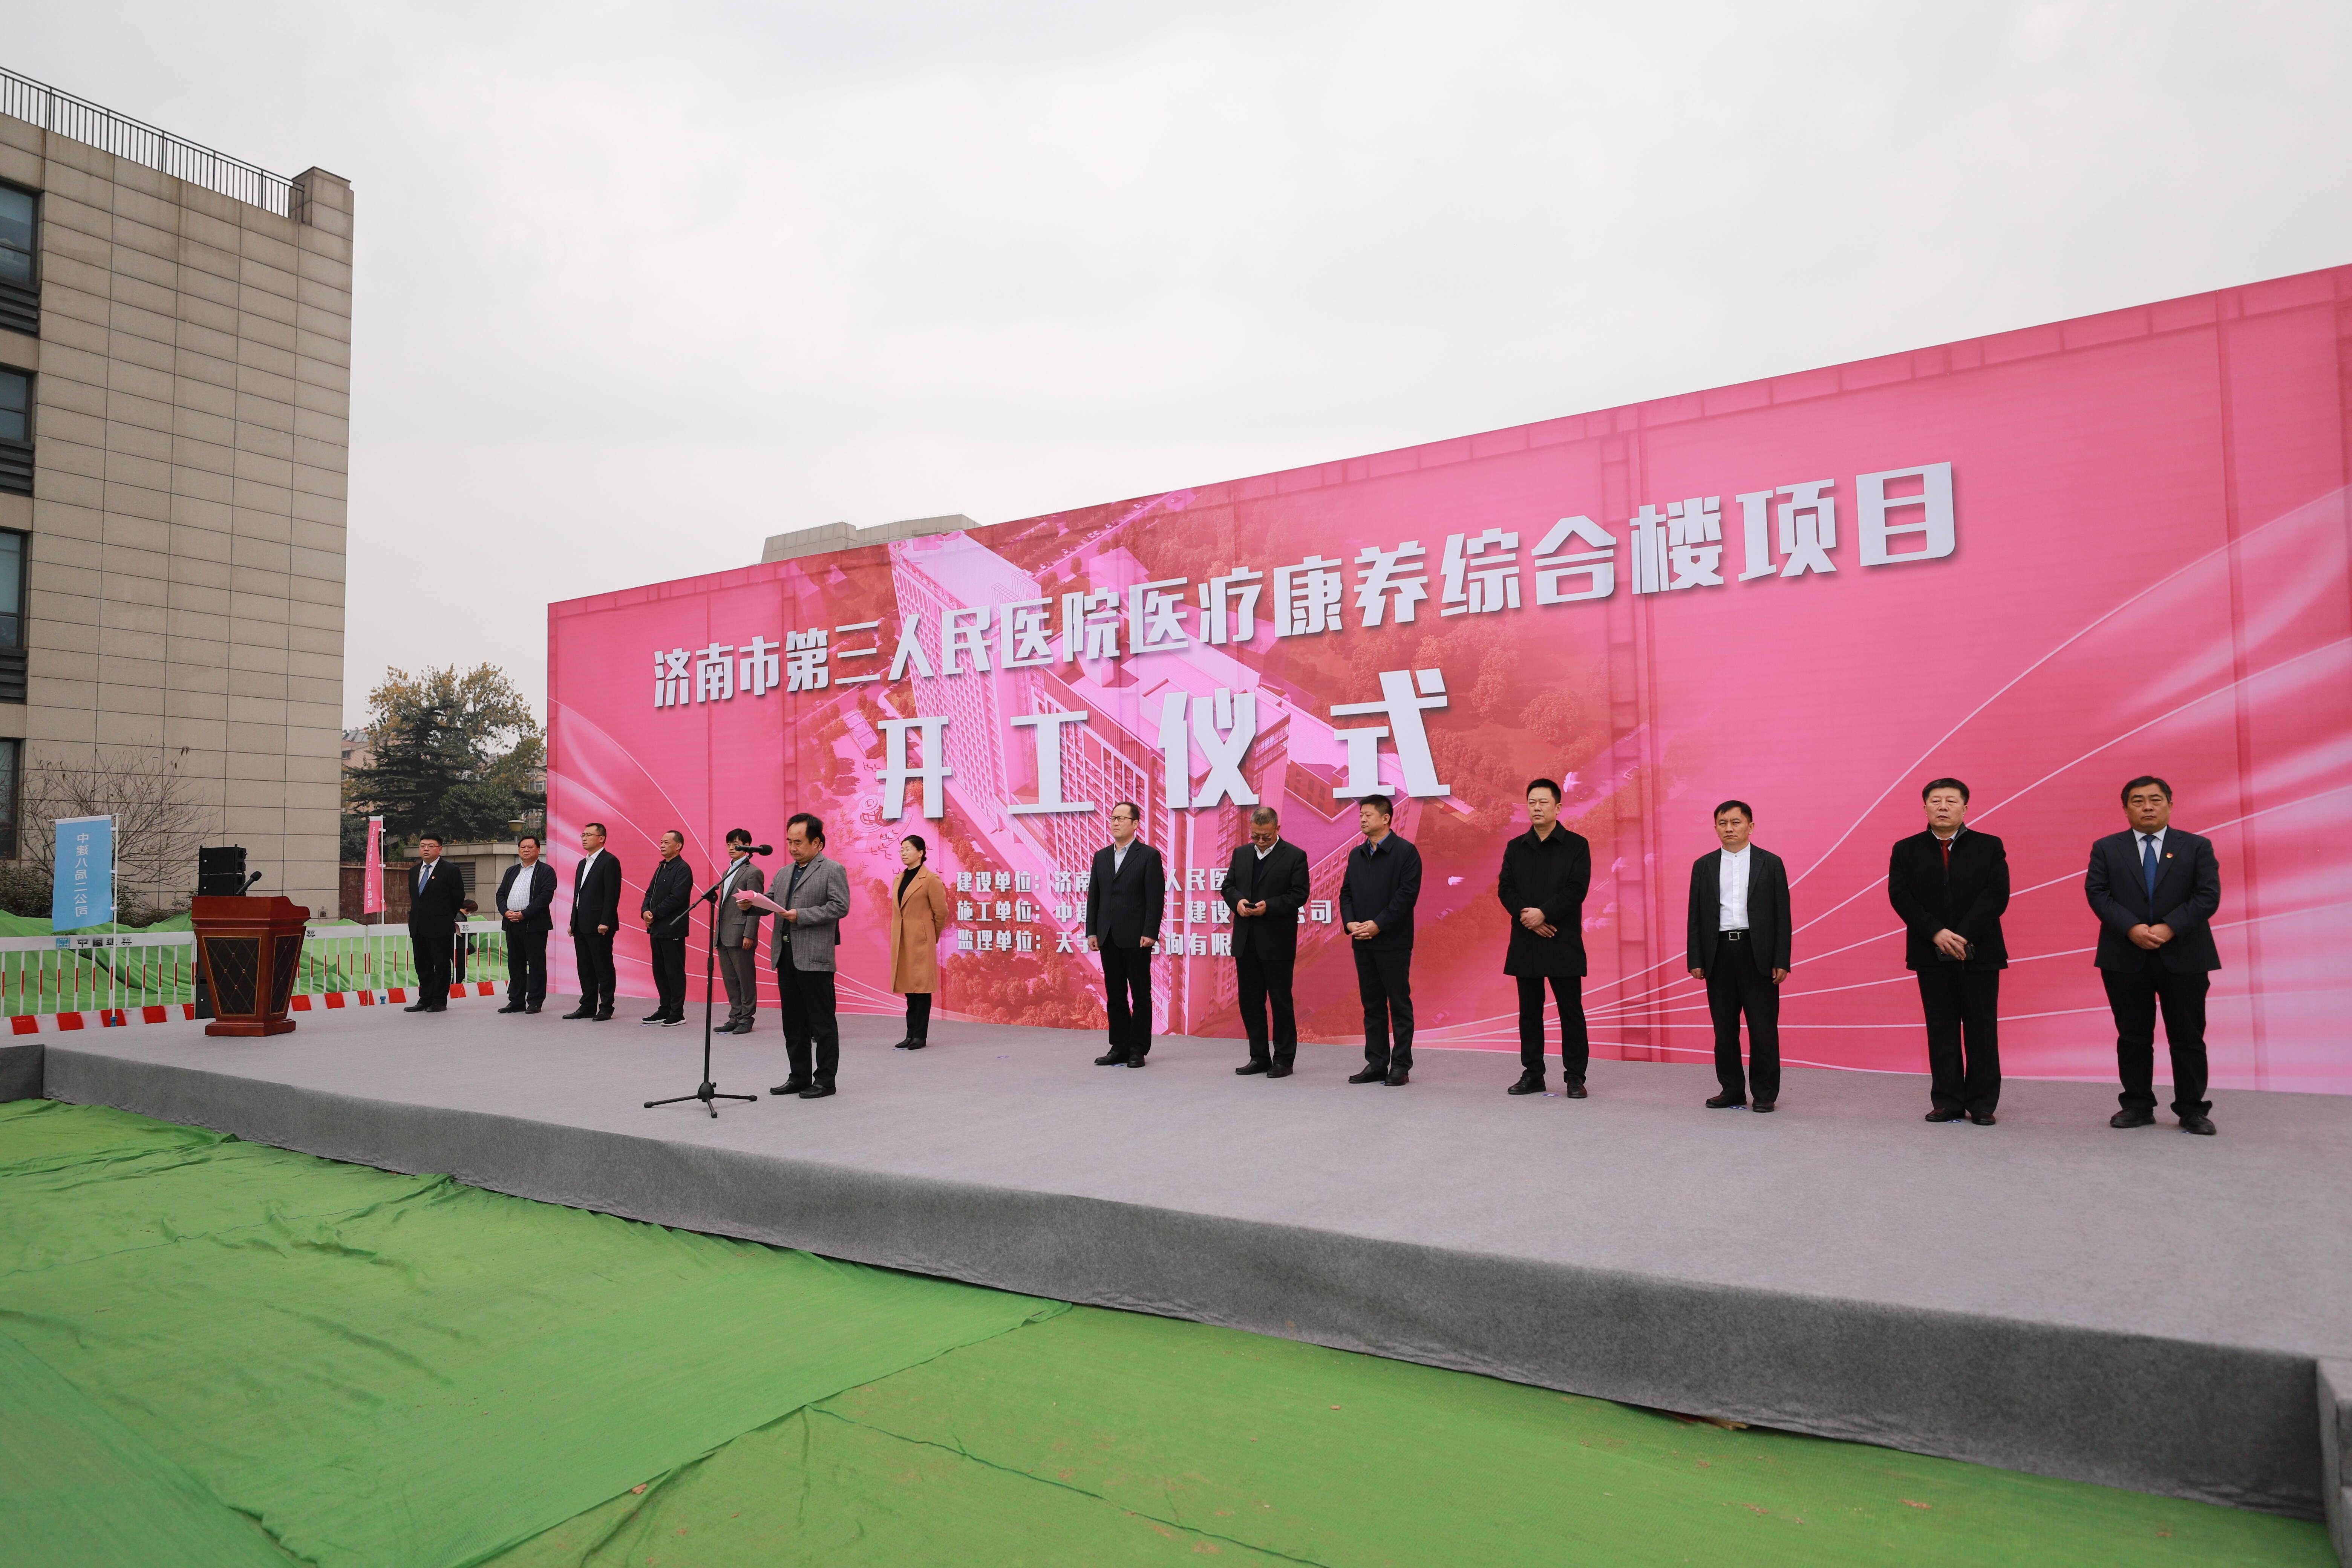 新增500张病床!中建八局二公司济南市第三人民医院医疗康养综合楼建设项目正式开工